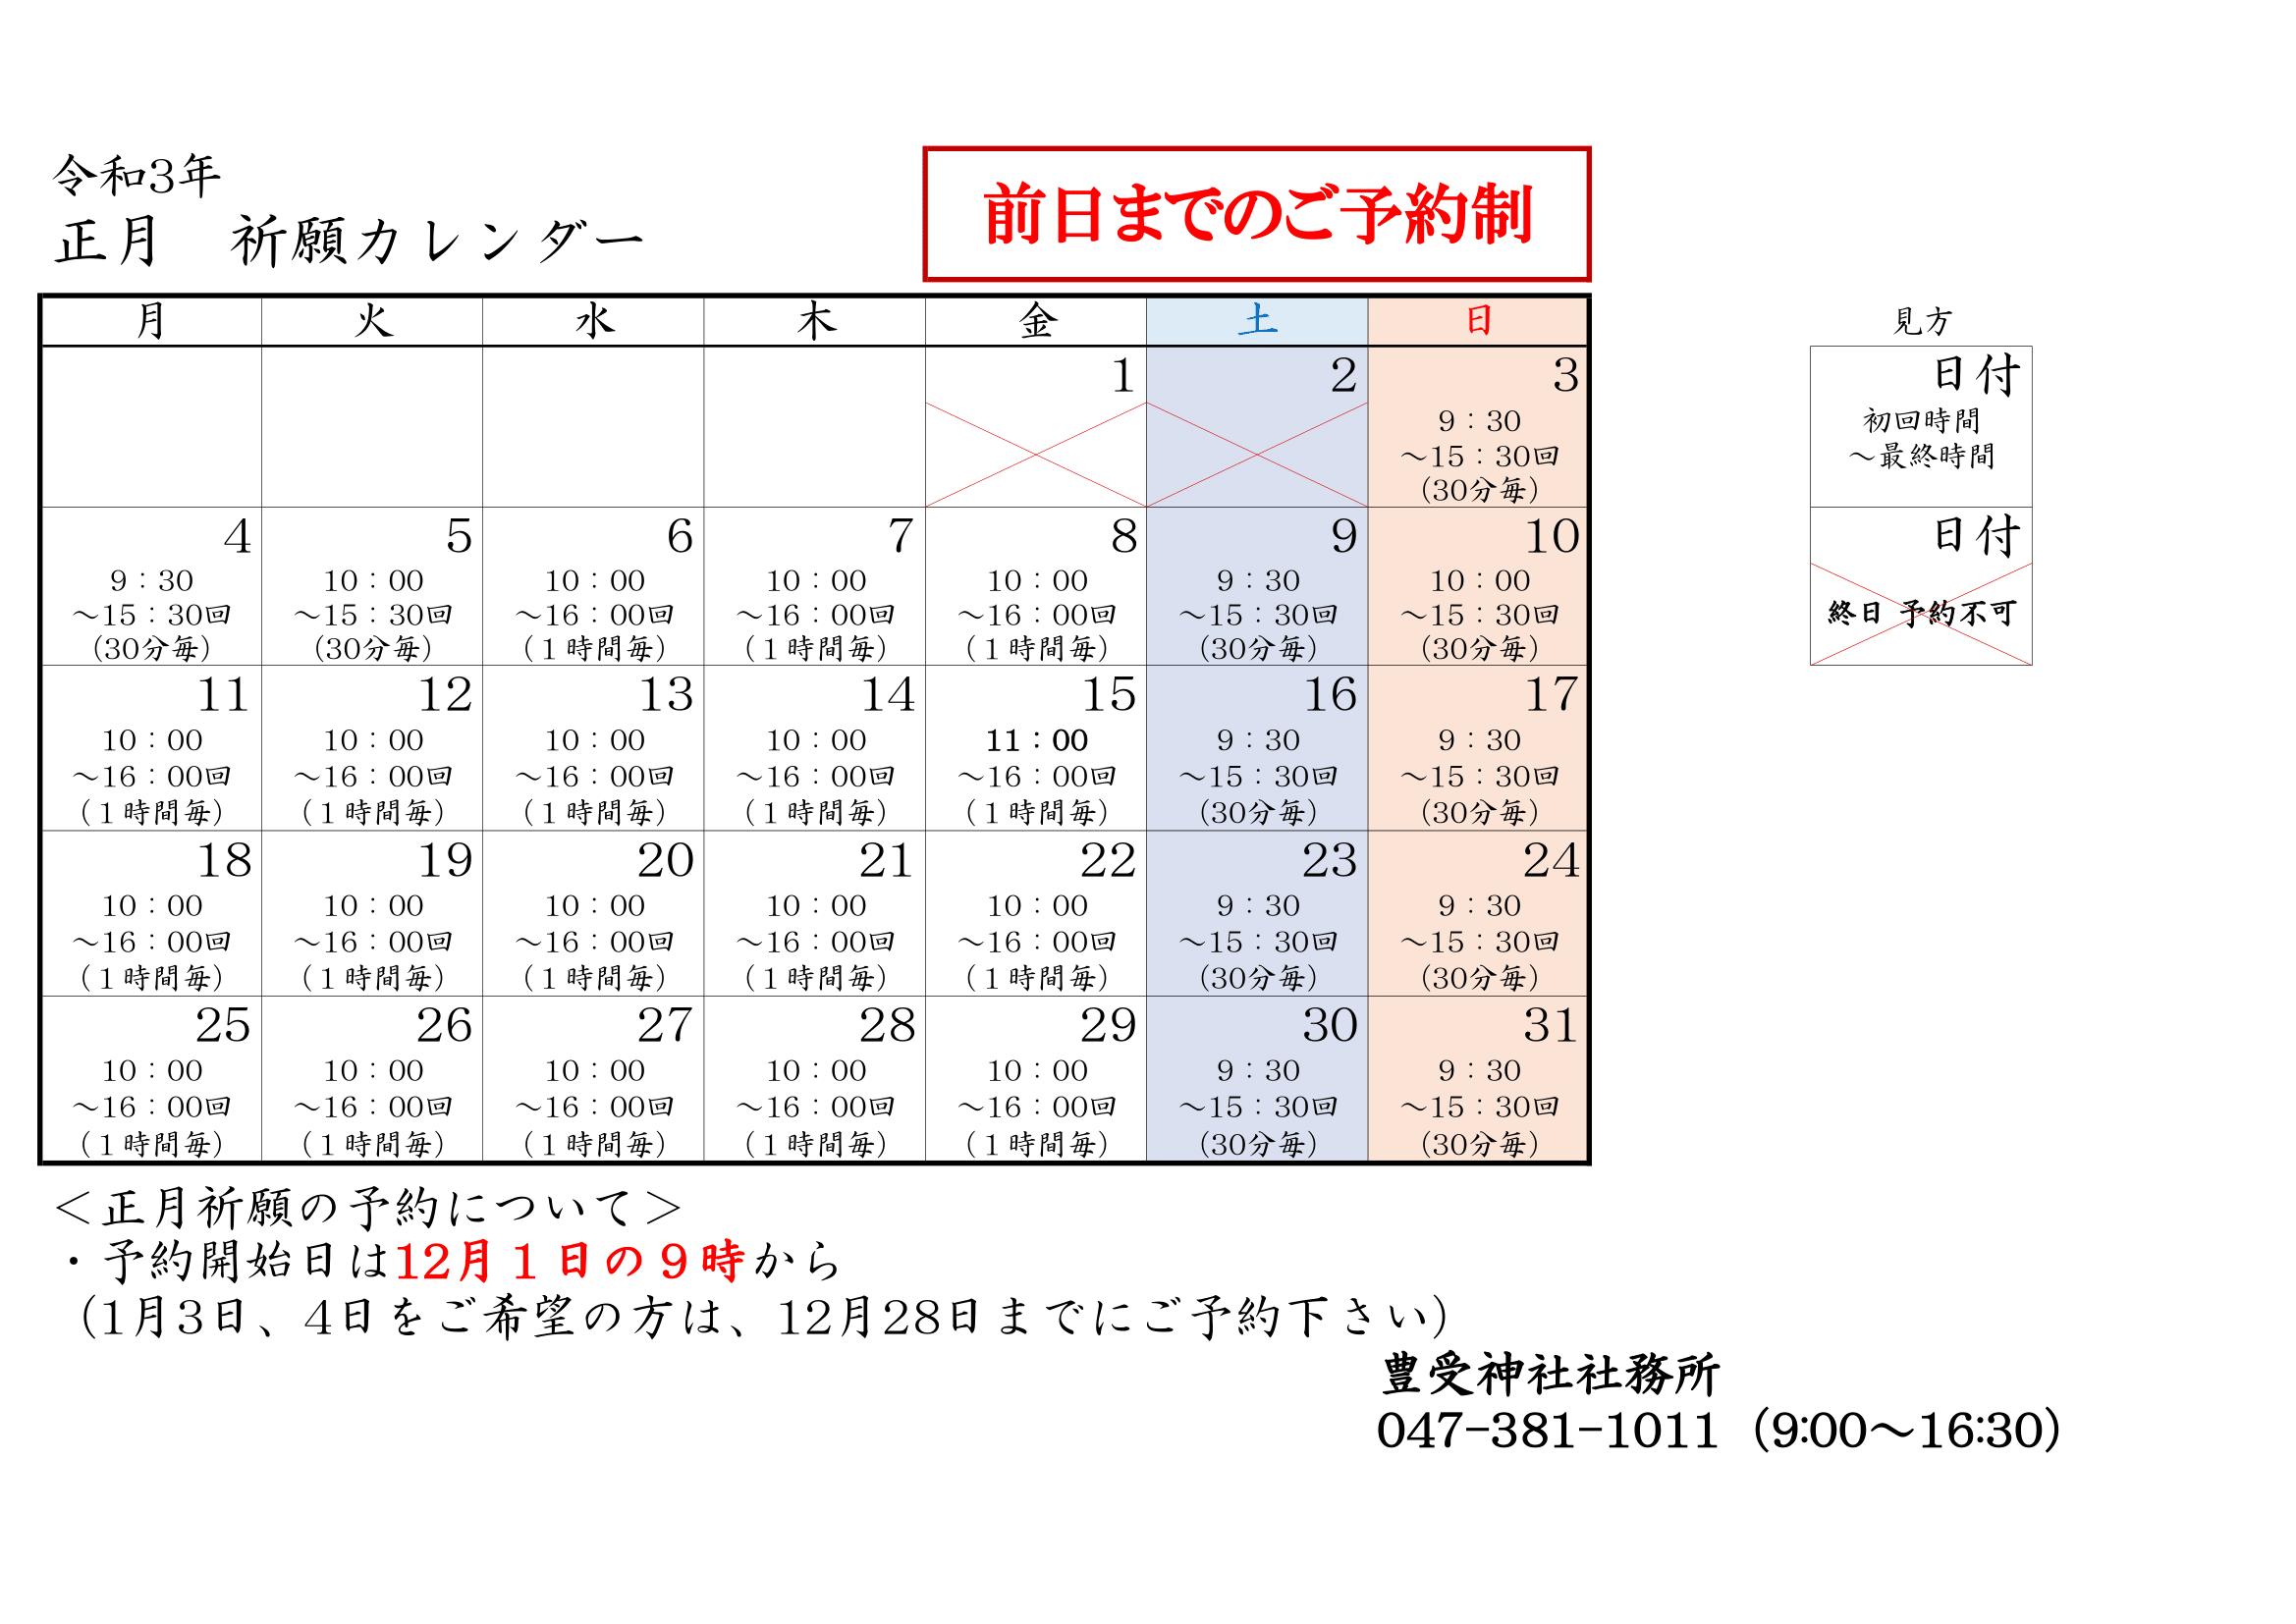 正月 予約カレンダー(2021)-1.png